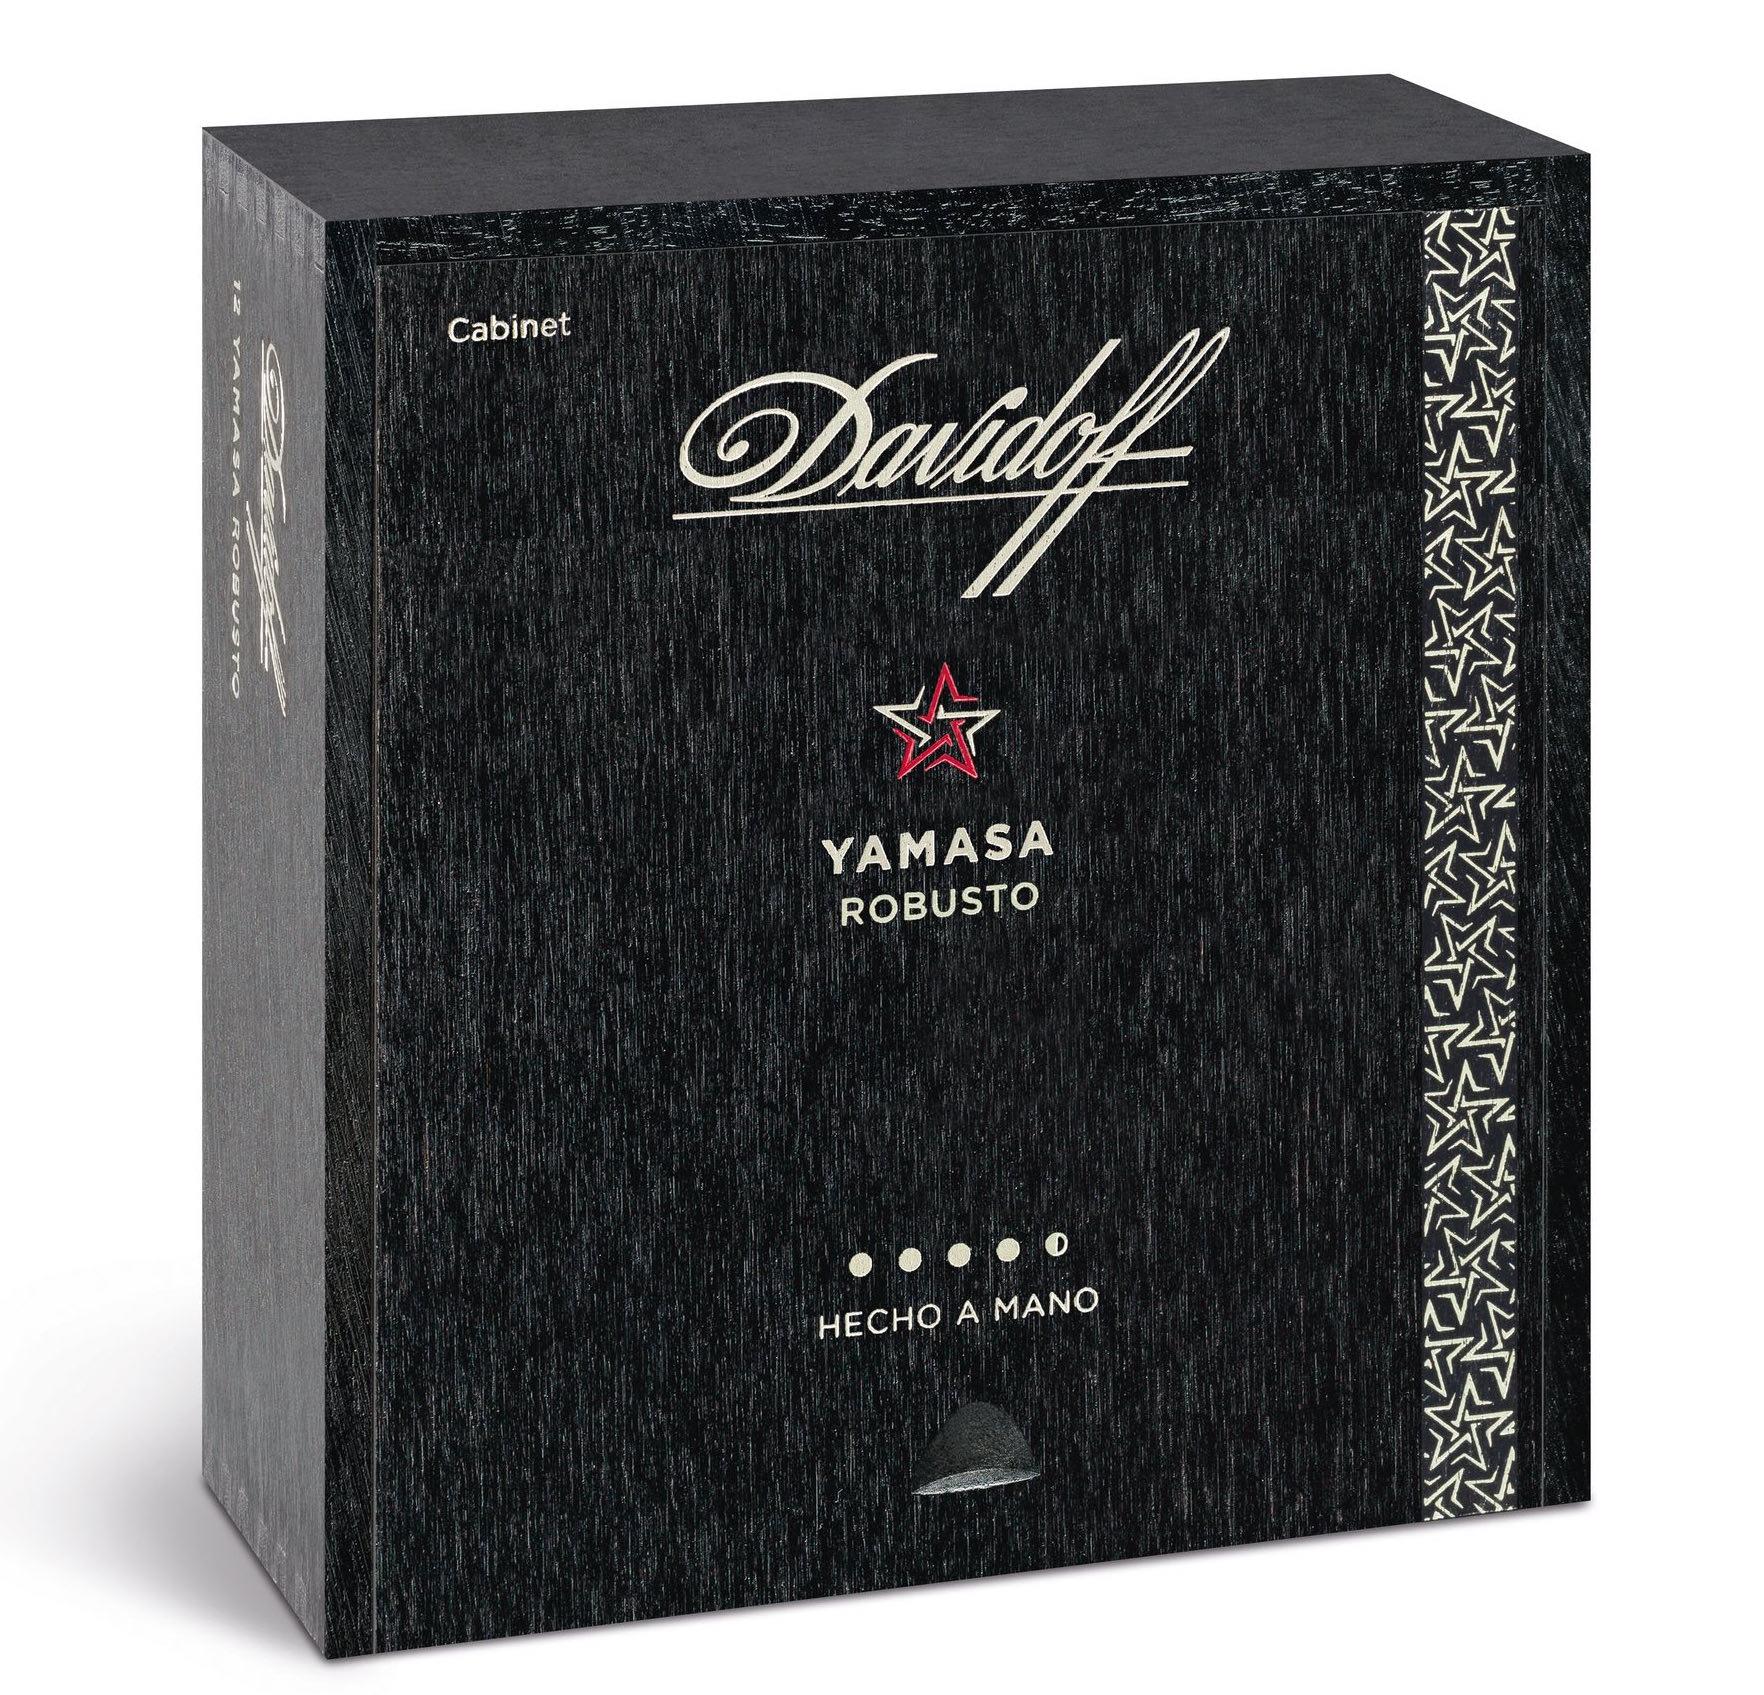 davidoff_yamasa_robusto-box